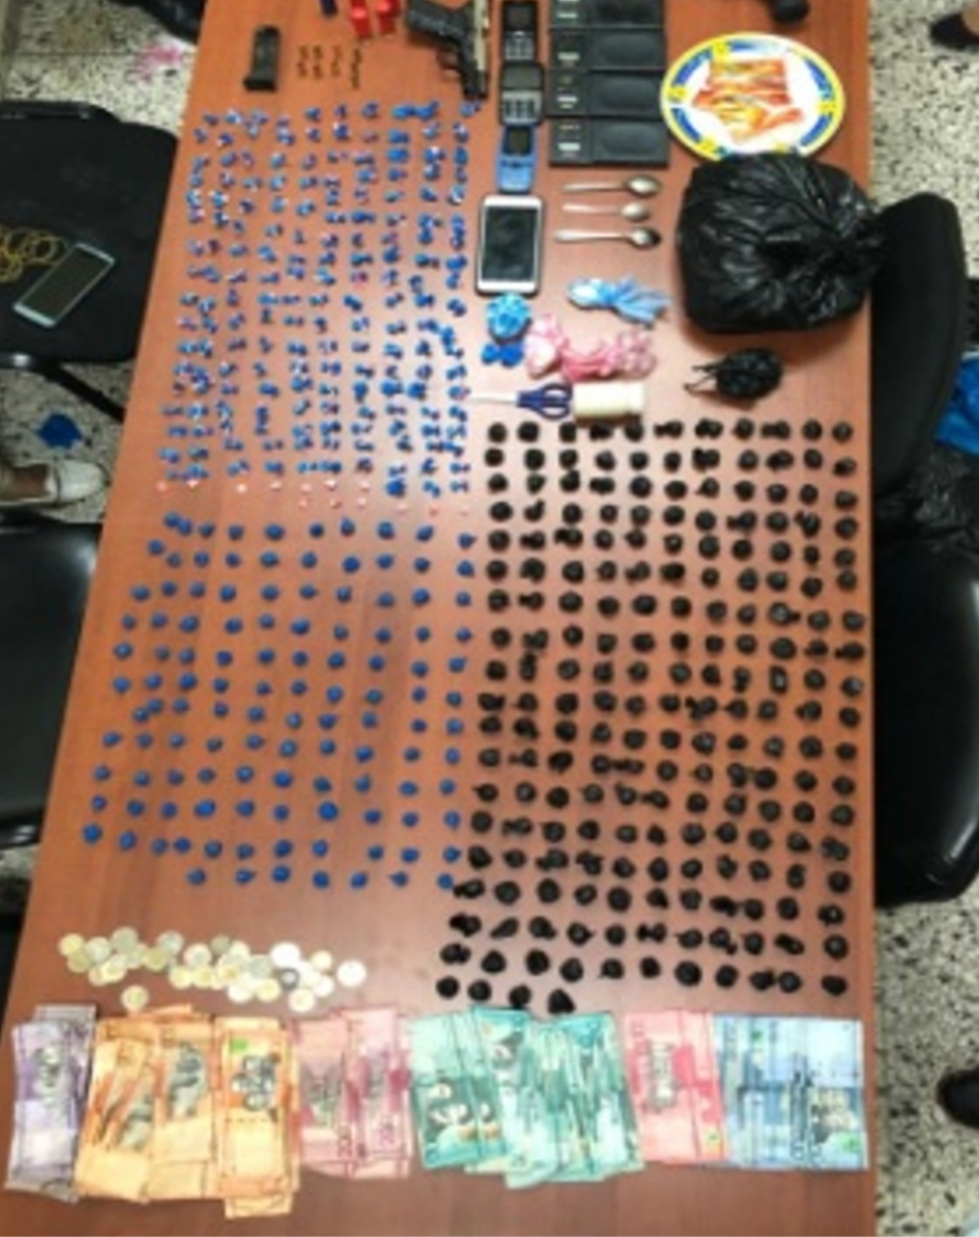 Ocupa másde 143,251.87 gramos en porciones de cocaina, crack y marihuana en diferentes allanamientos